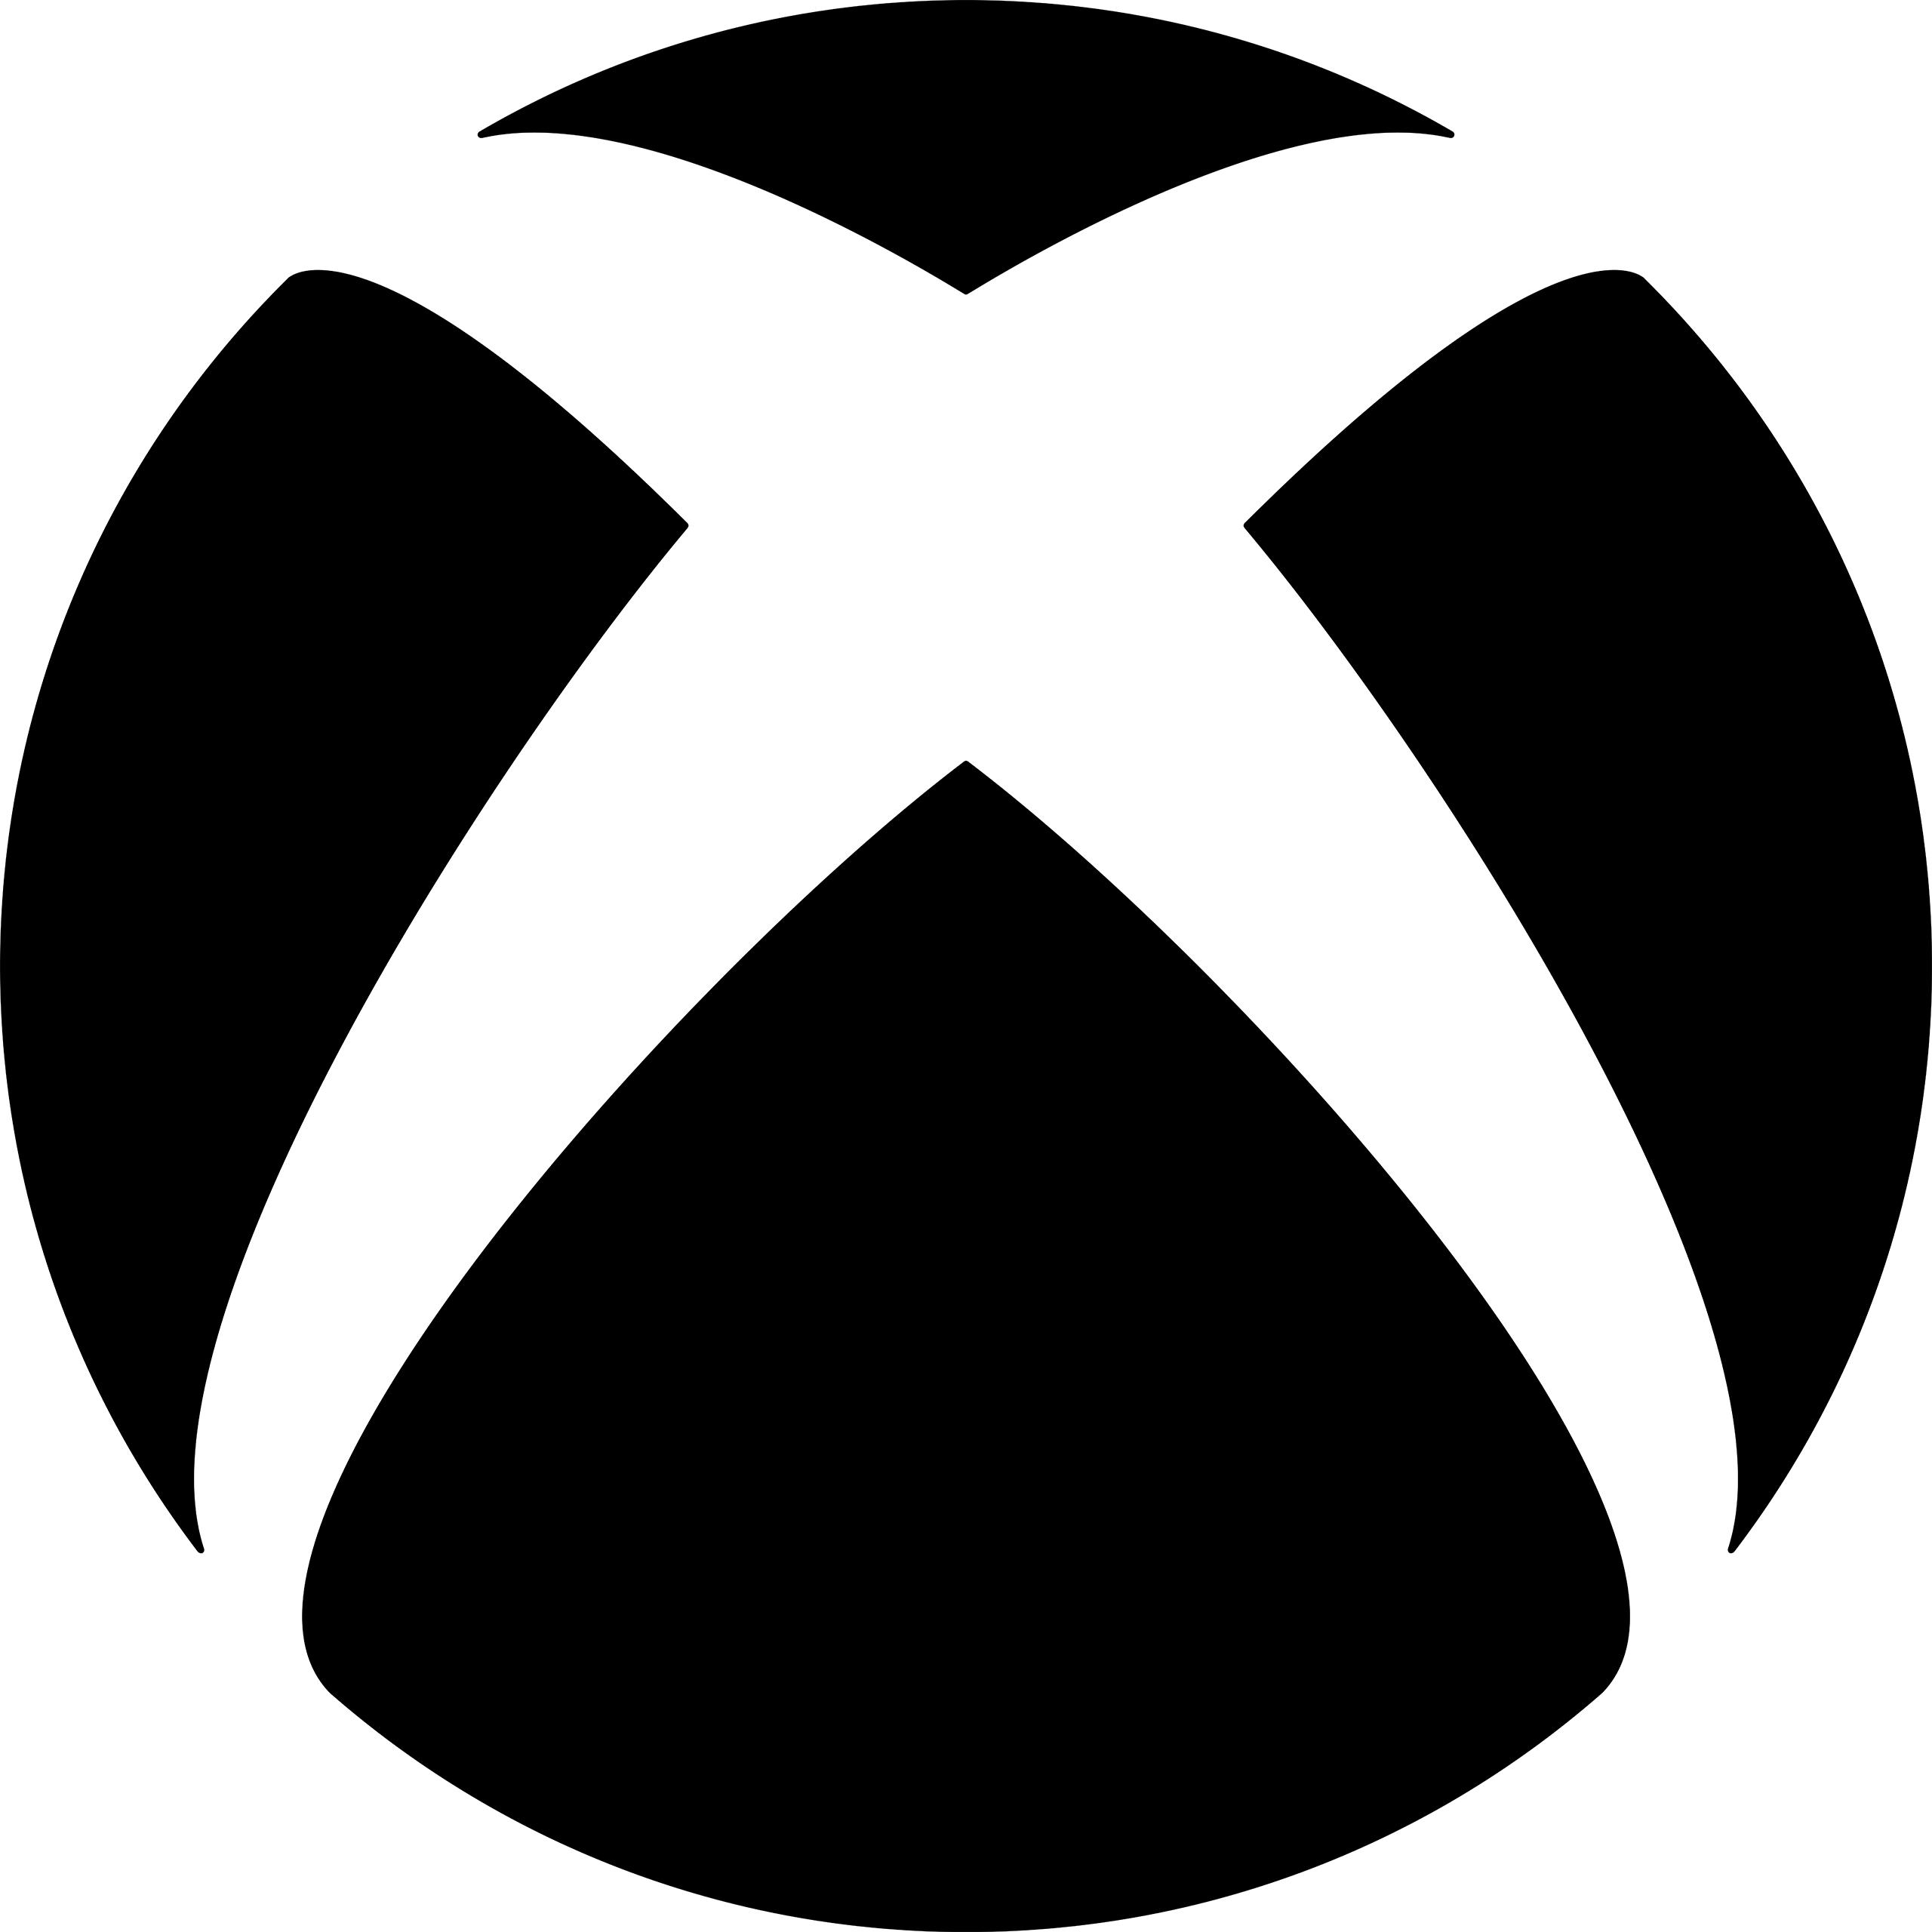 Xbox games logo symbol 2500 Free Transparent PNG Logos